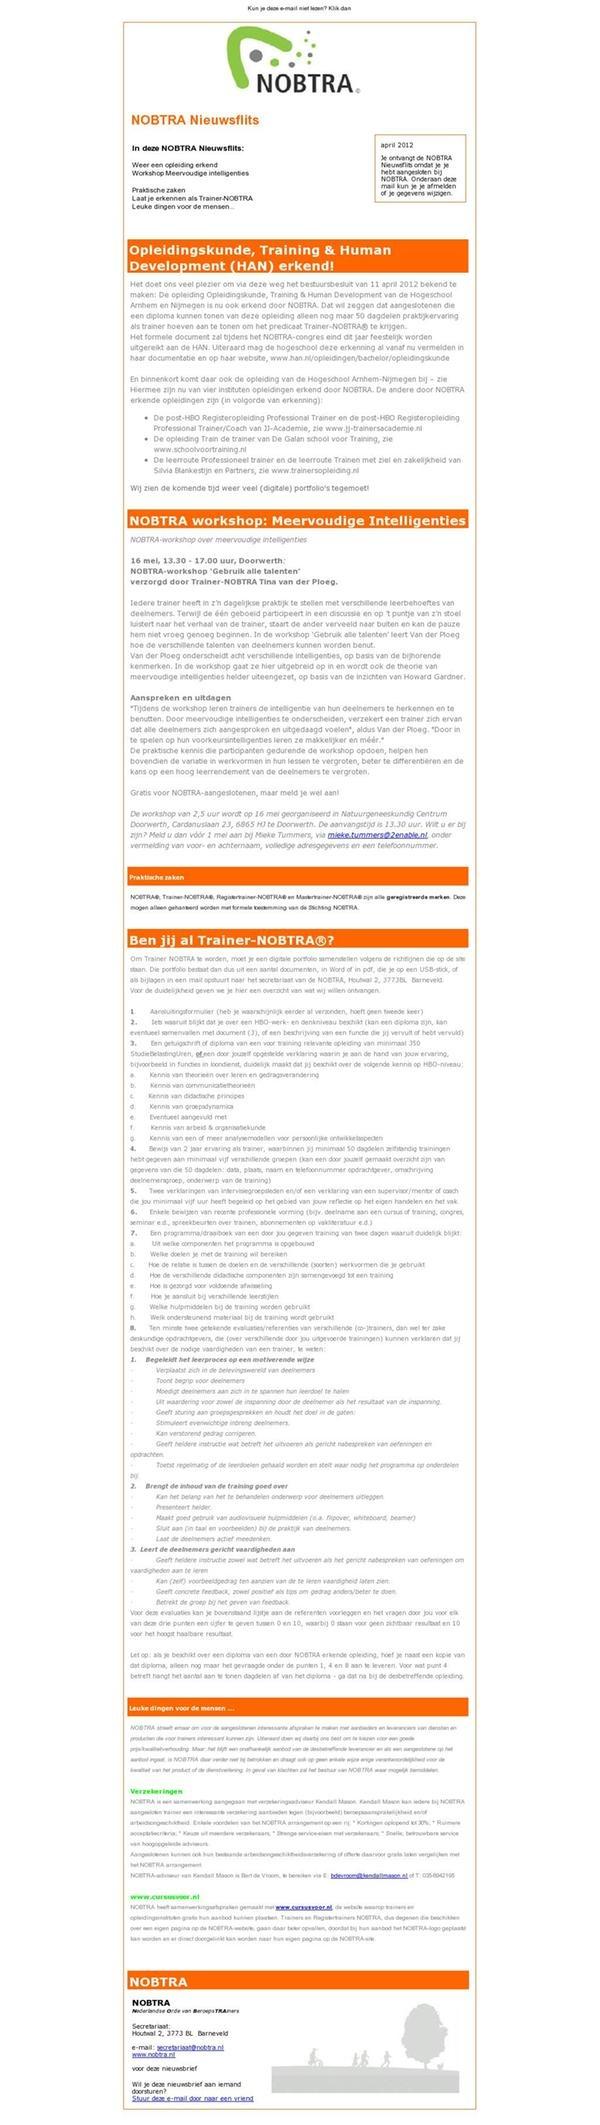 Nieuwsbrief van Nobtra (Nederlanderse orde van  beroepstrainers) http://www.nobtra.nl/